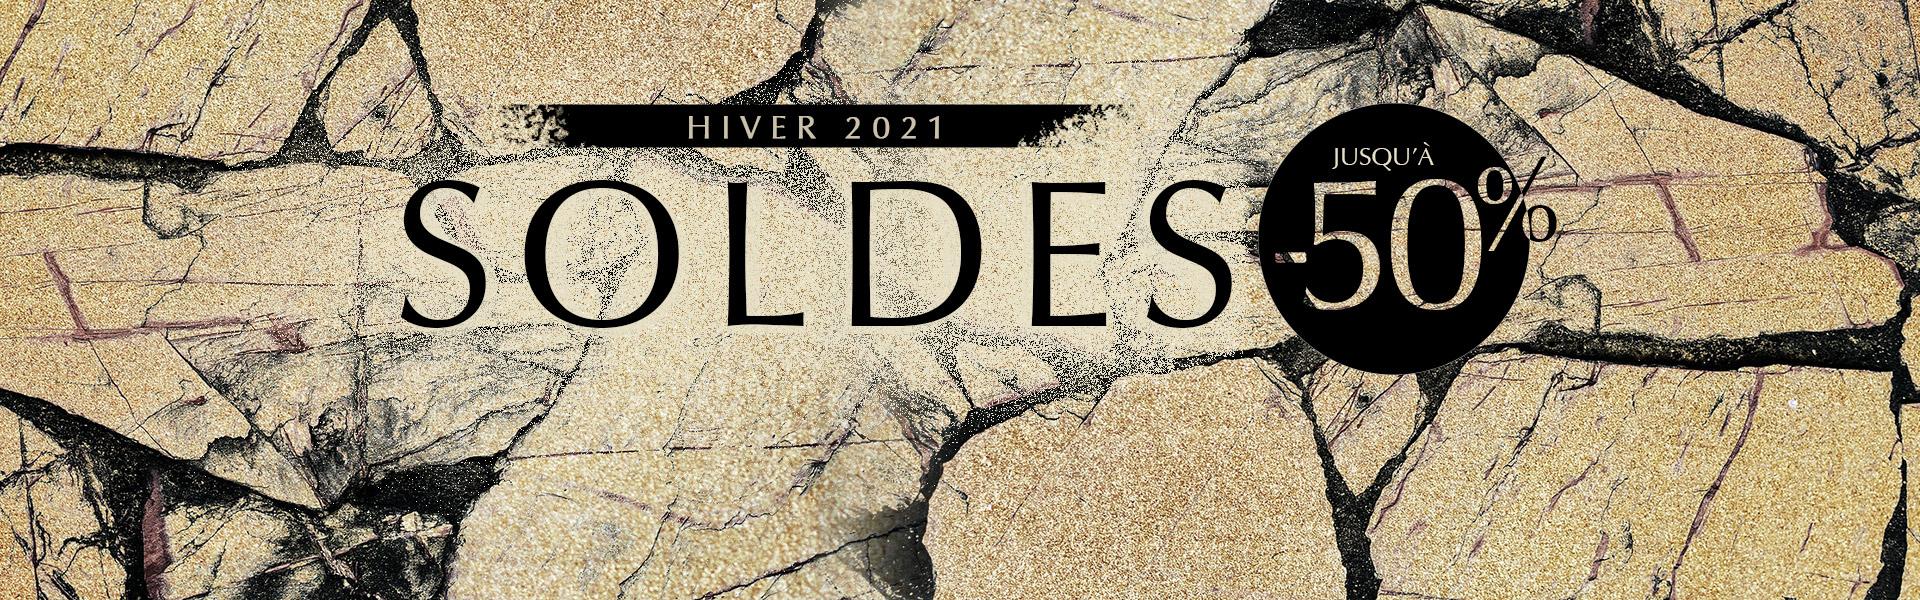 1-20210120-SOLDES